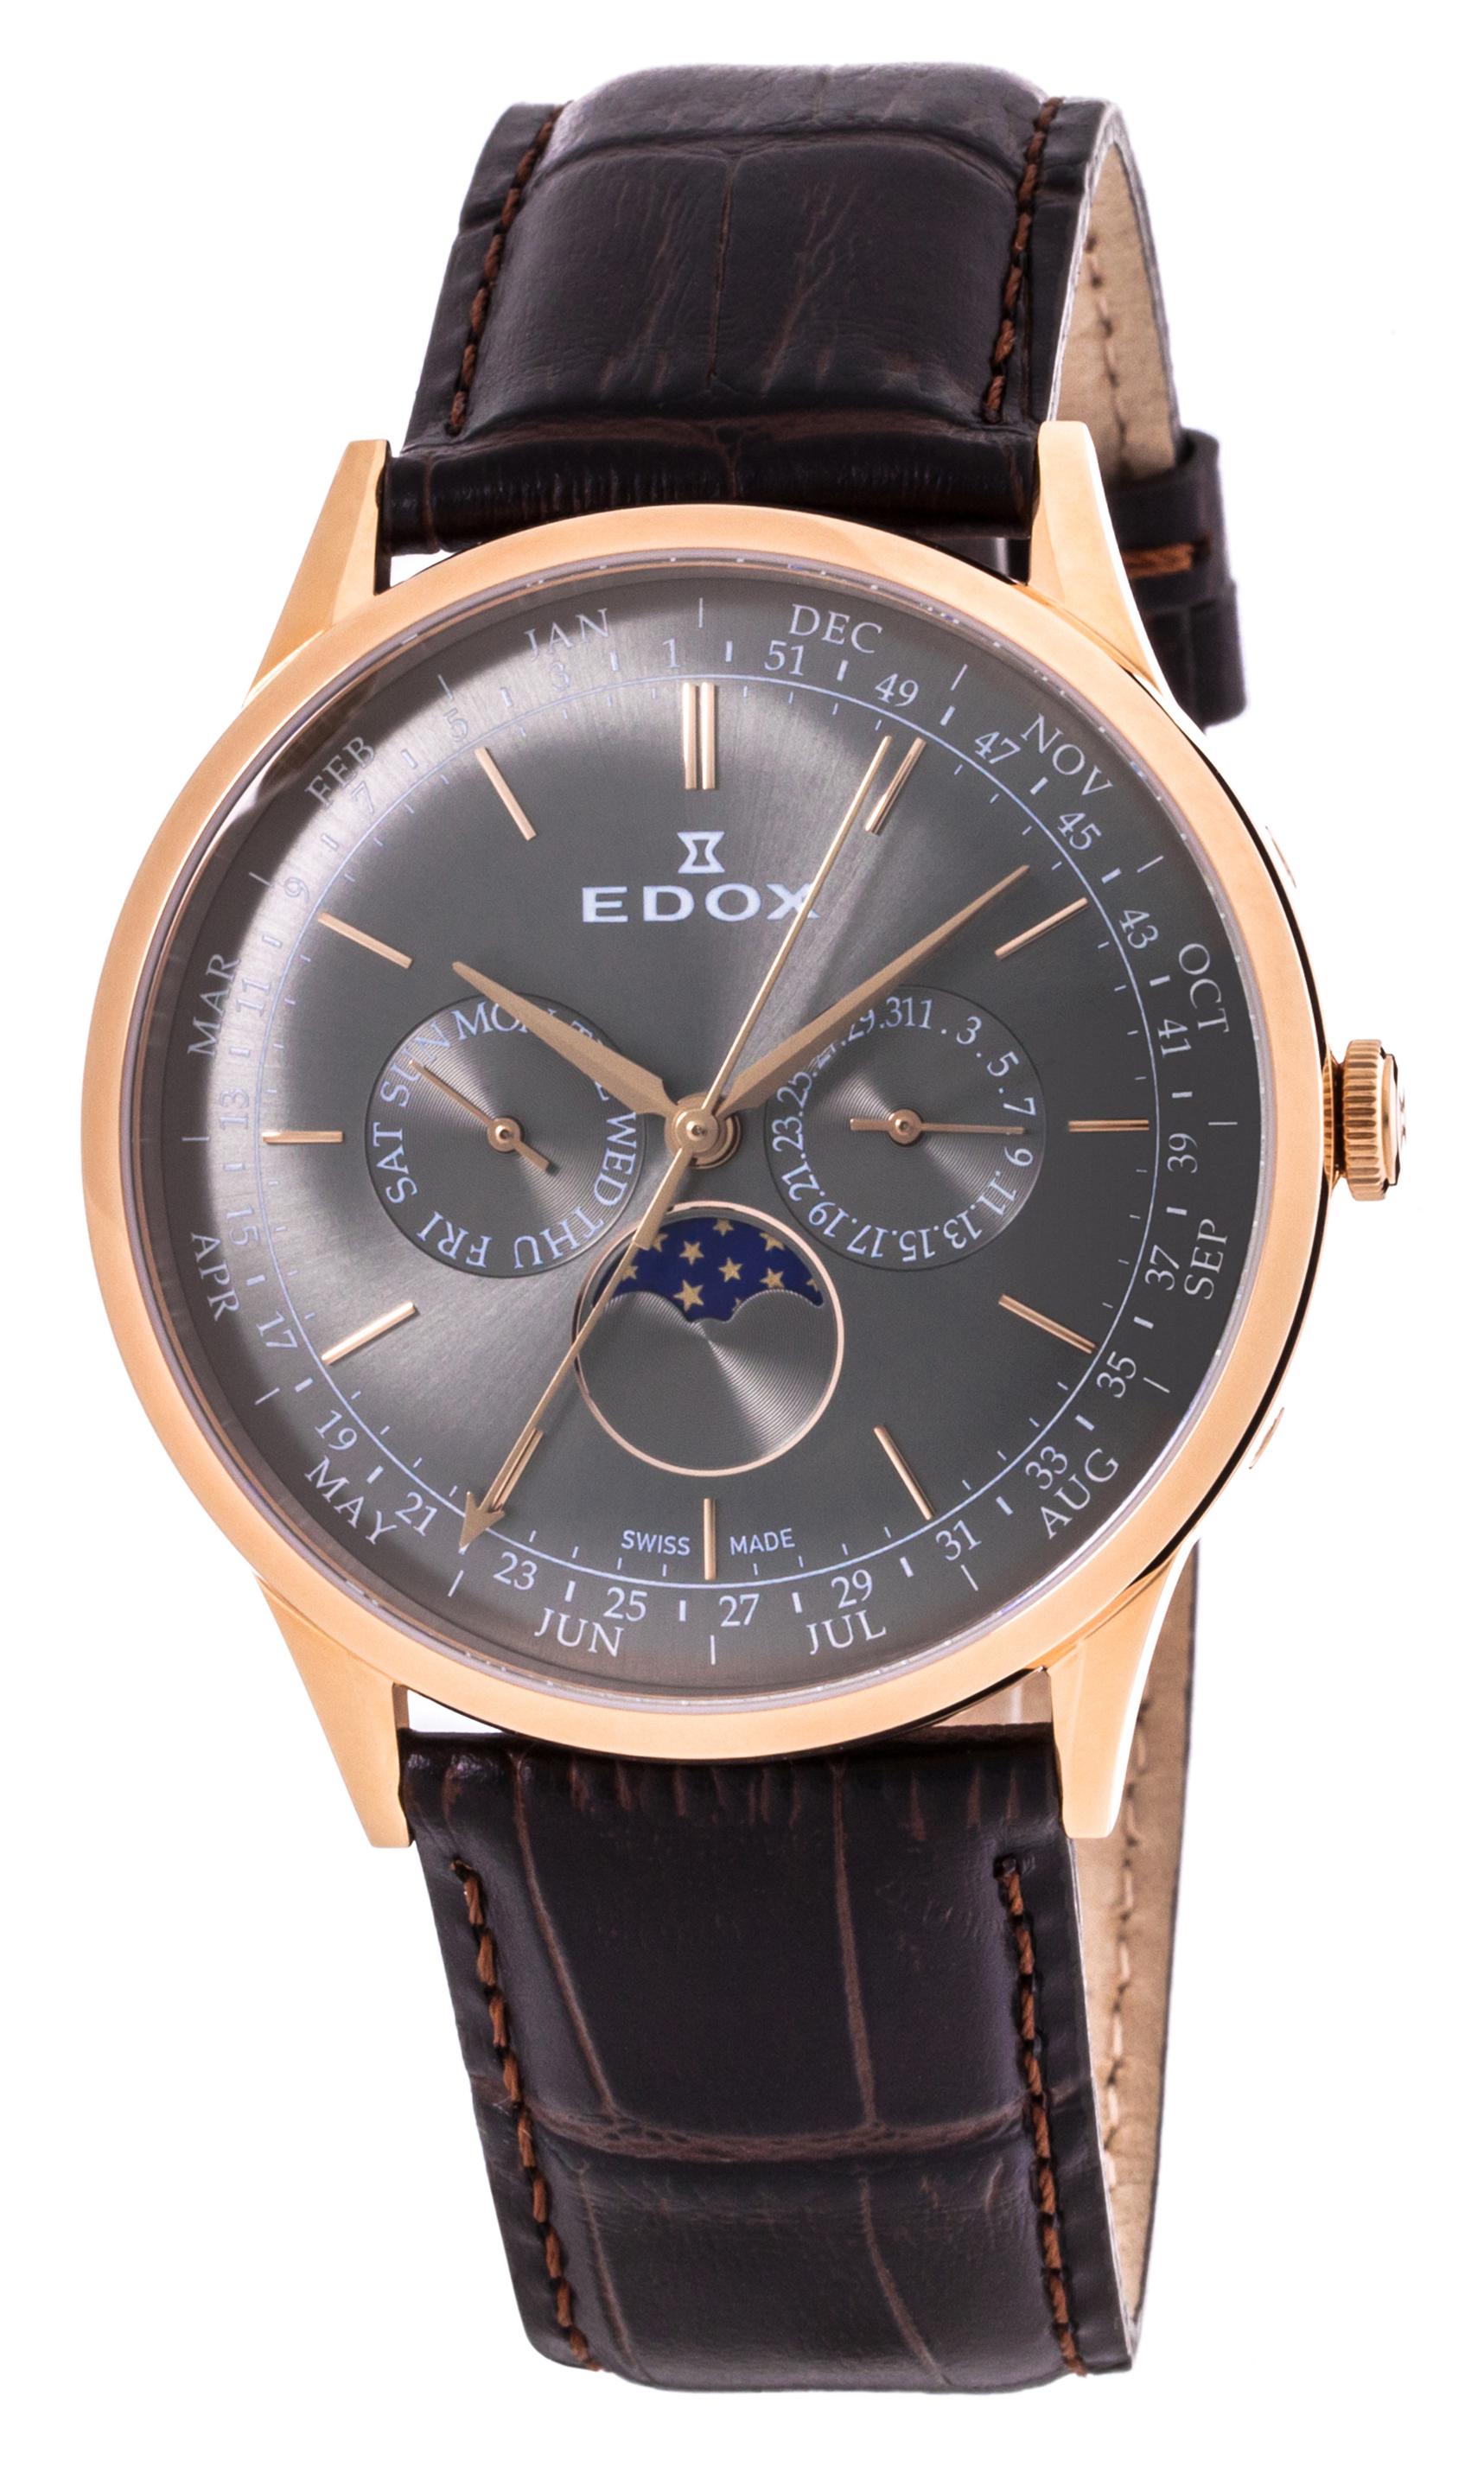 Часы Edox Les Vauberts Annual Calendar 40101 37RC GIR